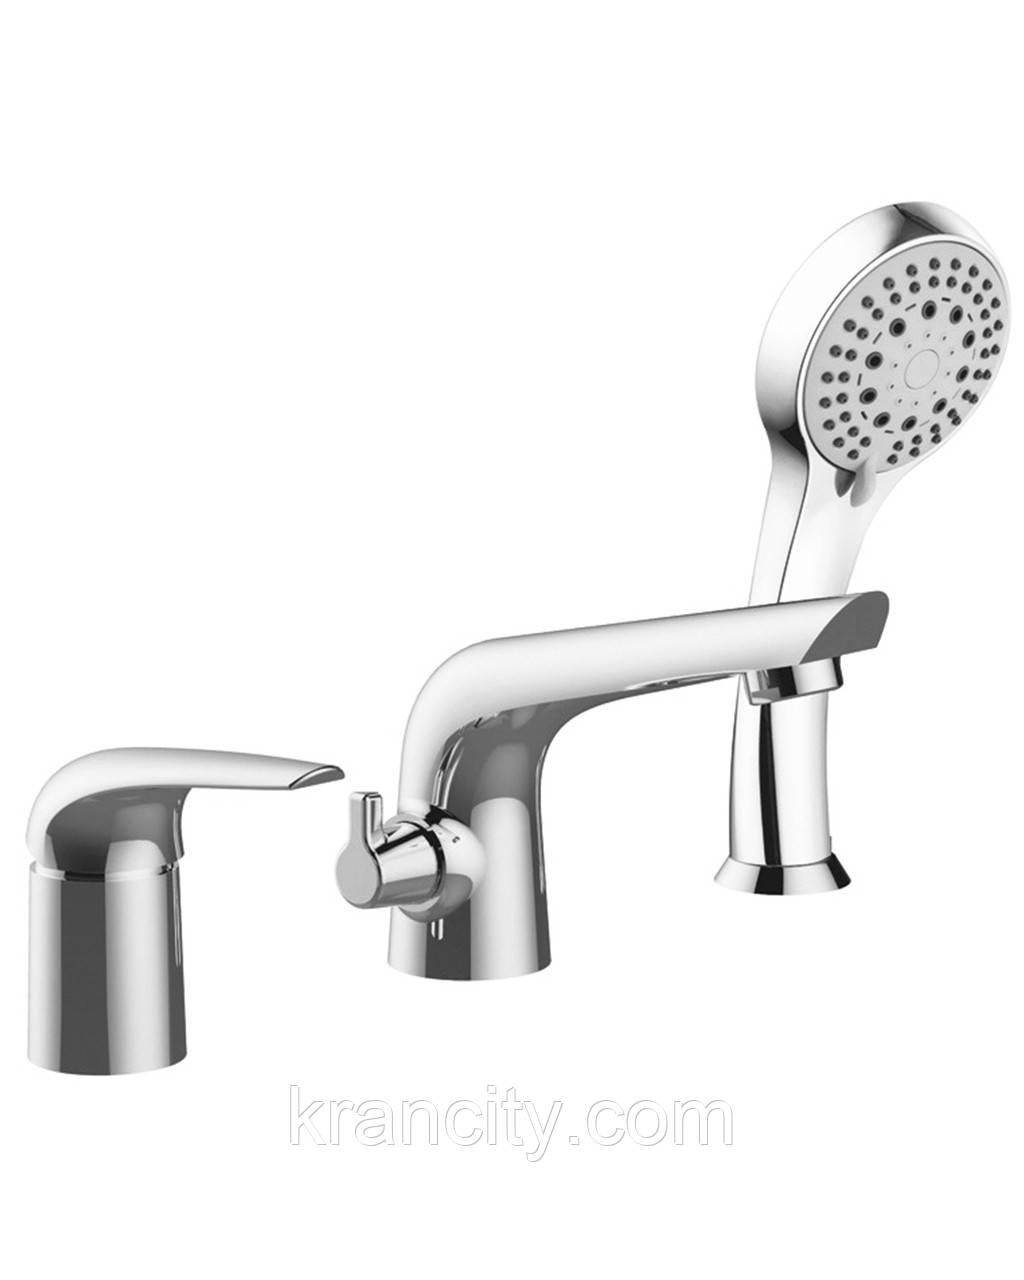 Смеситель для ванной на три отверстия Imprese KRINICE 85110,Чехия,сатин